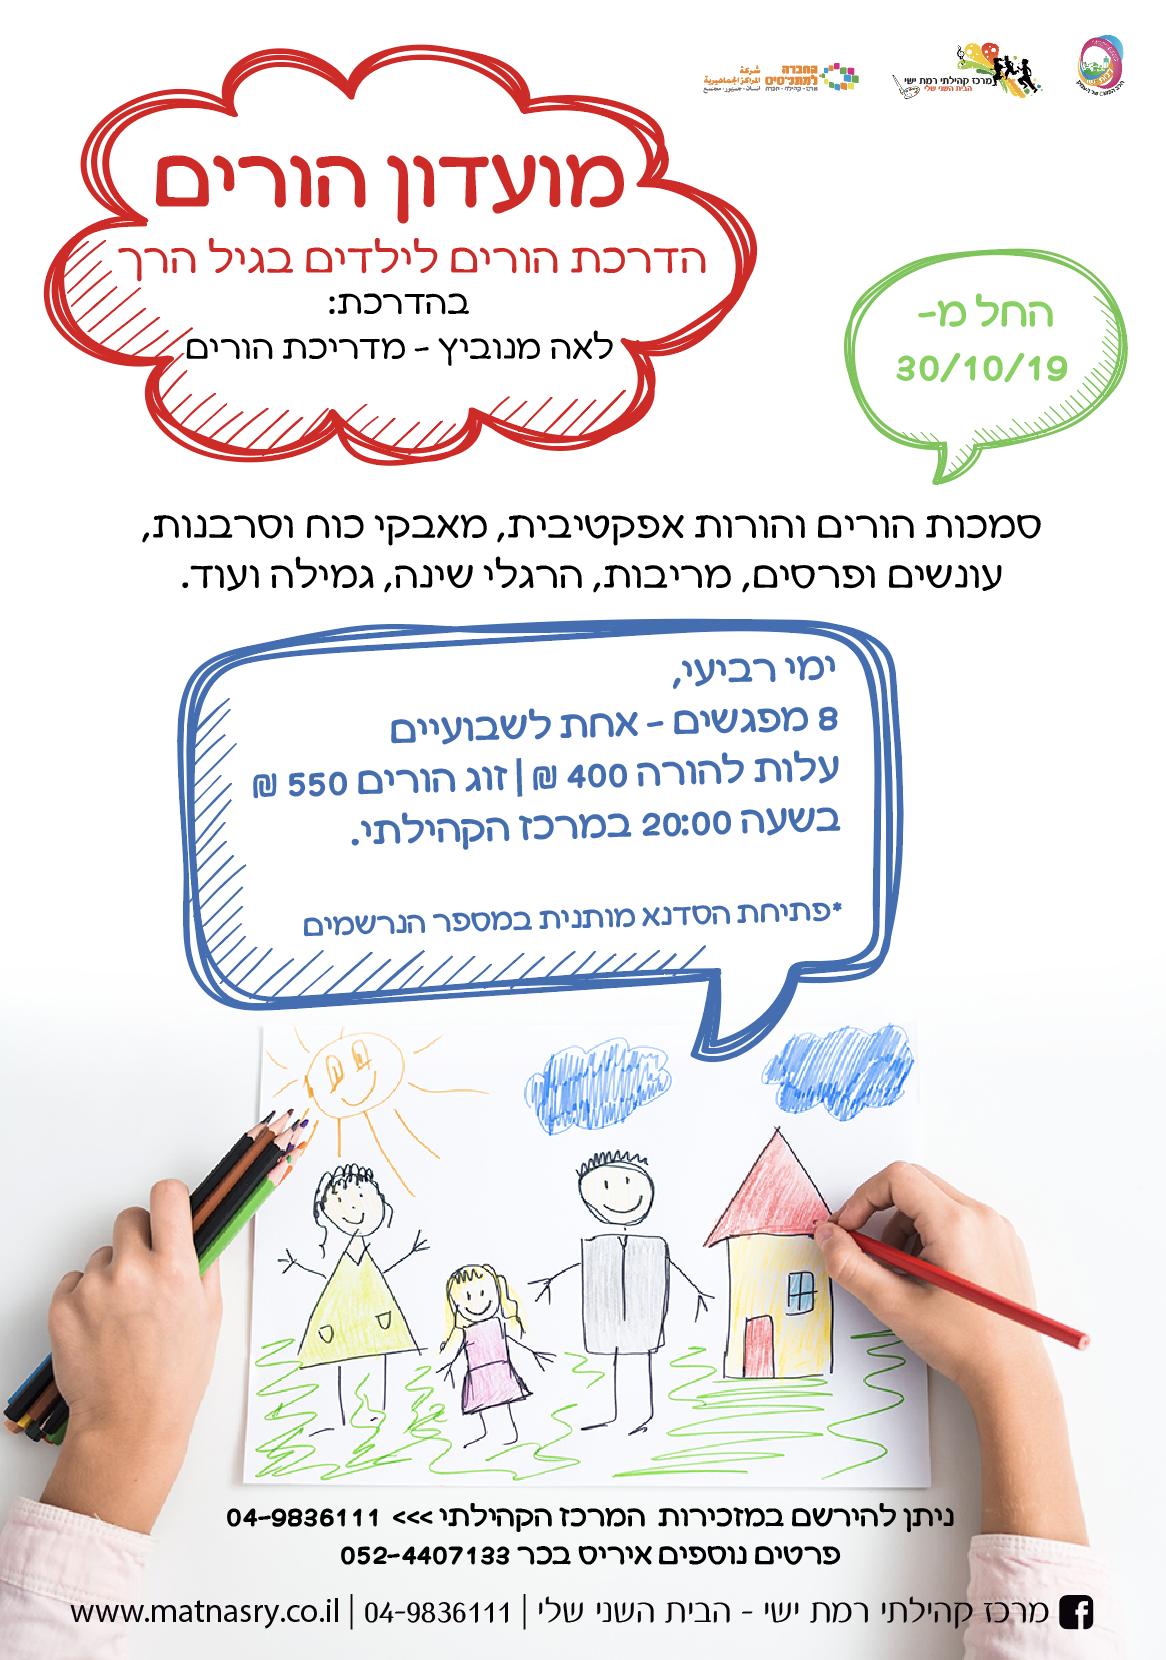 פרסום הדרכת הורים - מלל נגיש מופיע מעל התמונה